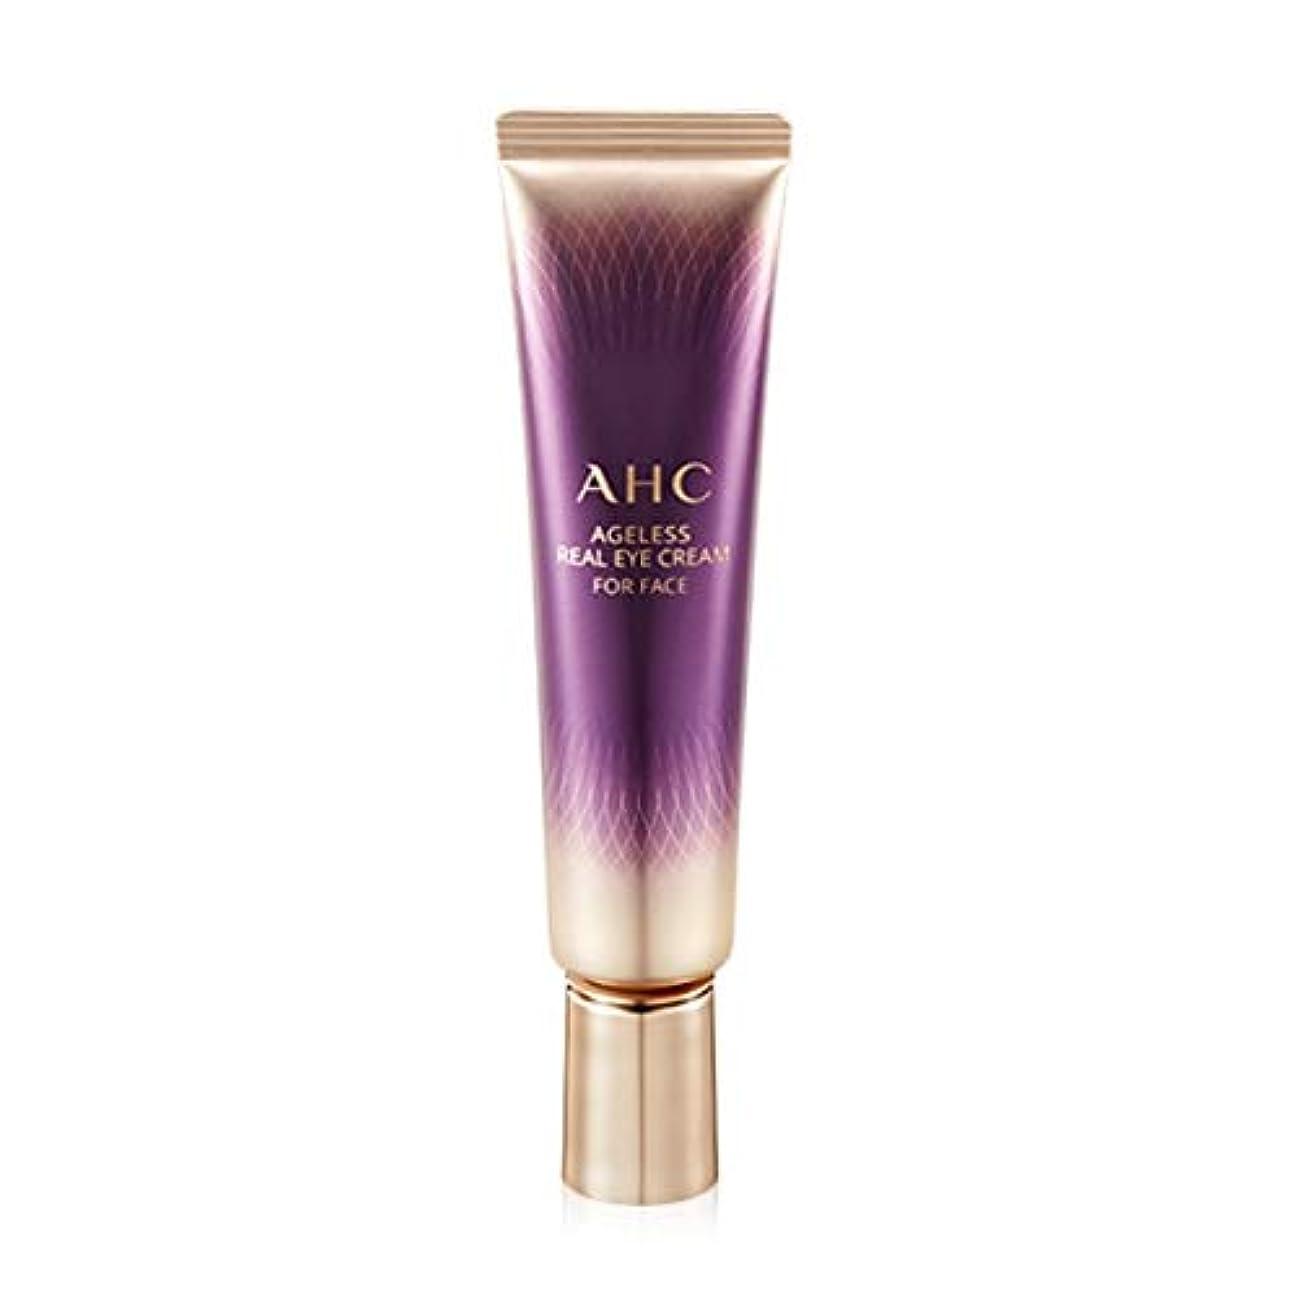 溶接少数通信する[New] AHC Ageless Real Eye Cream For Face Season 7 30ml / AHC エイジレス リアル アイクリーム フォーフェイス 30ml [並行輸入品]